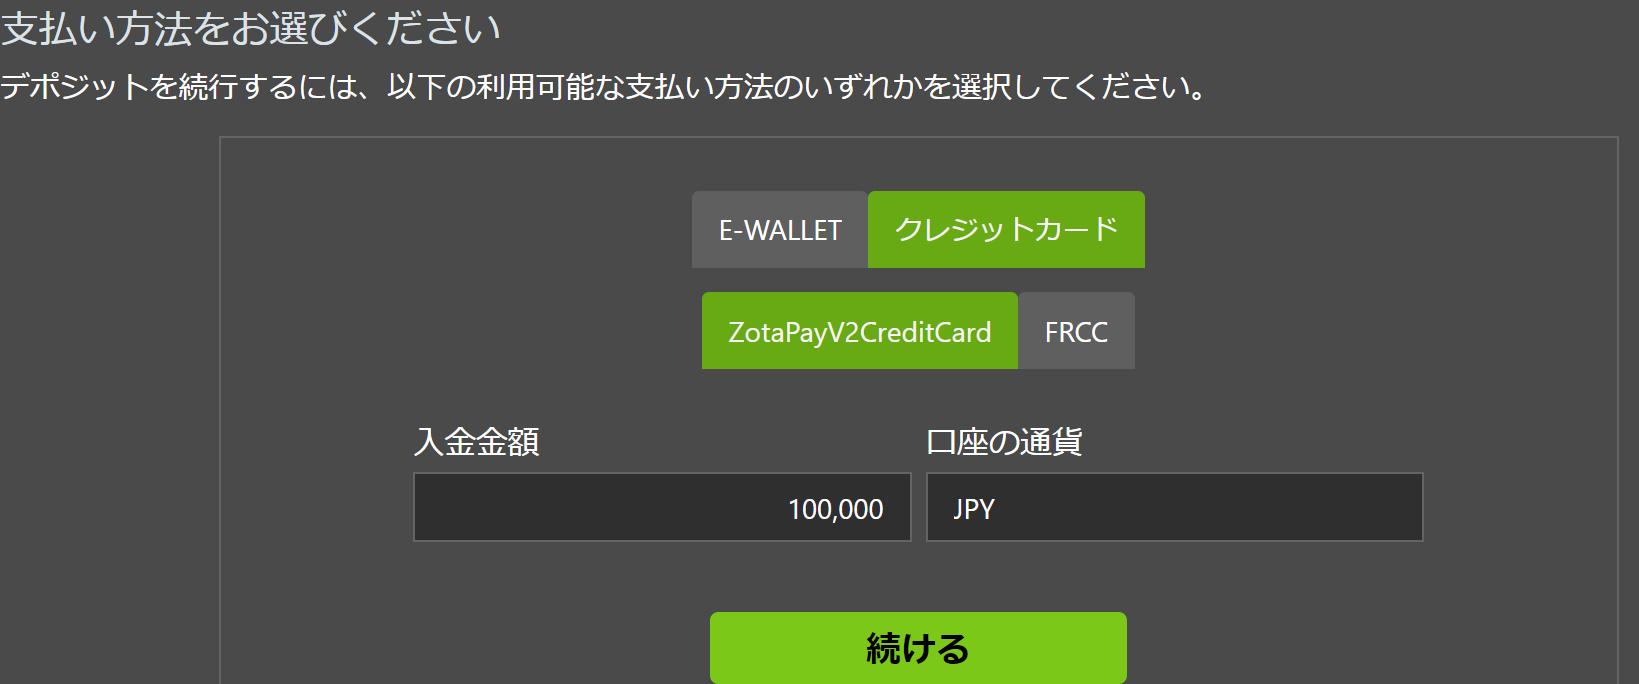 gkfxクレジットカード入金画像1